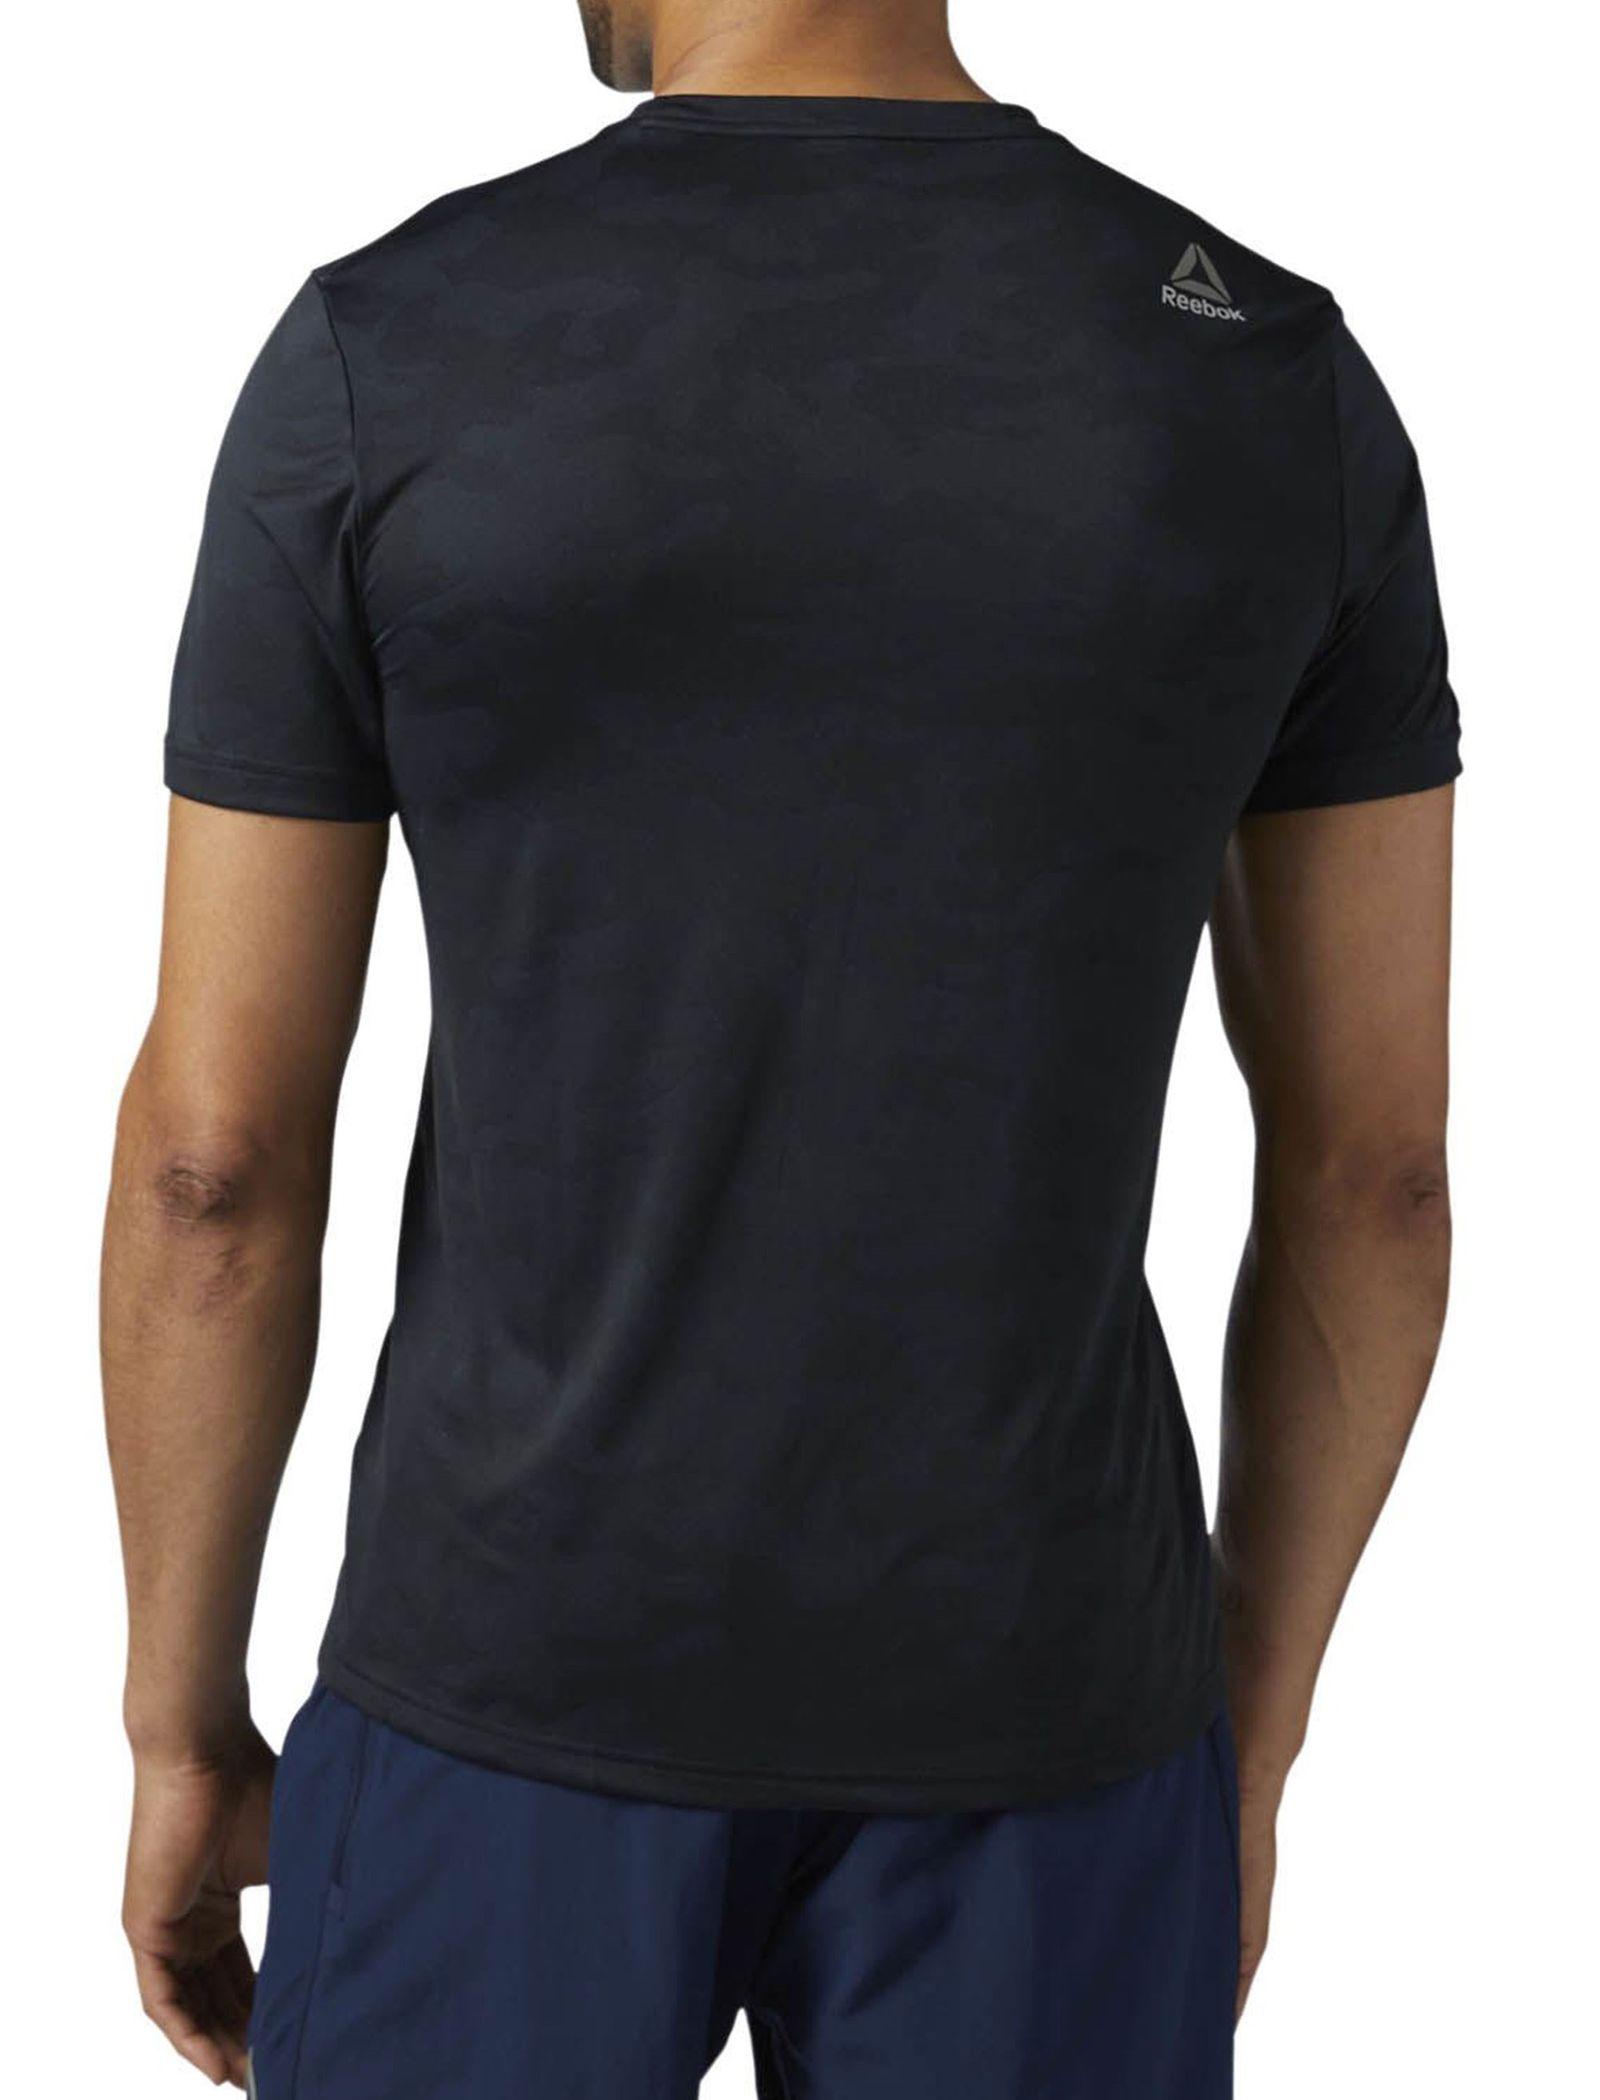 تی شرت ورزشی آستین کوتاه مردانه - ریباک - مشکي - 5